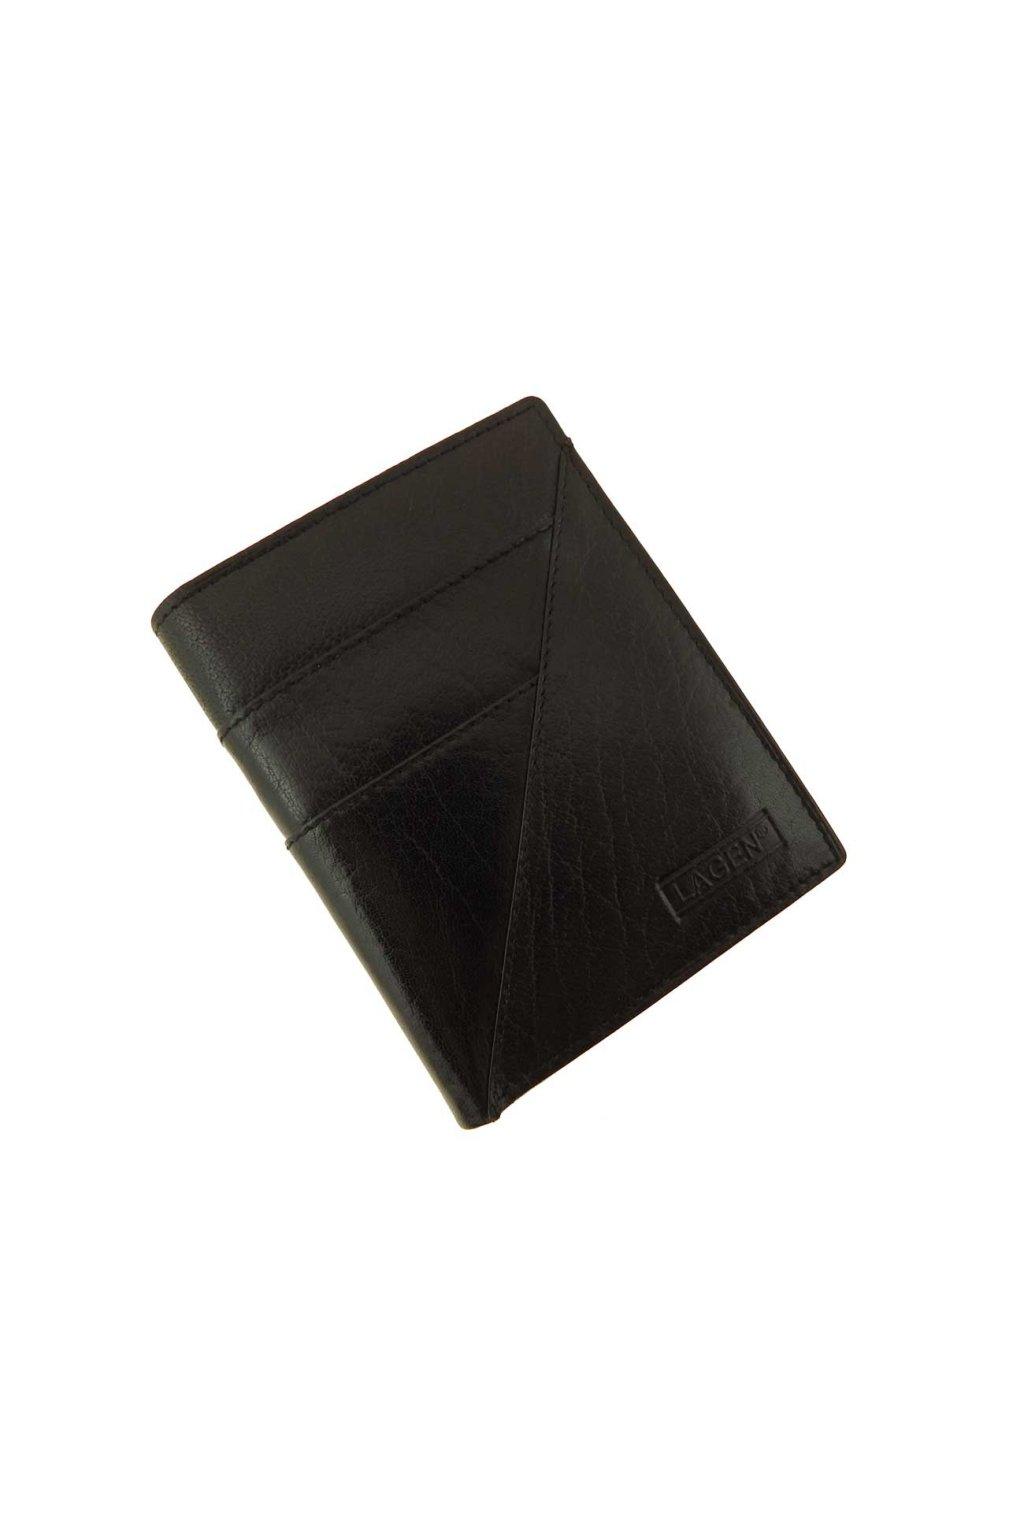 panska kozena penezenka pkp34 lm 9176 c